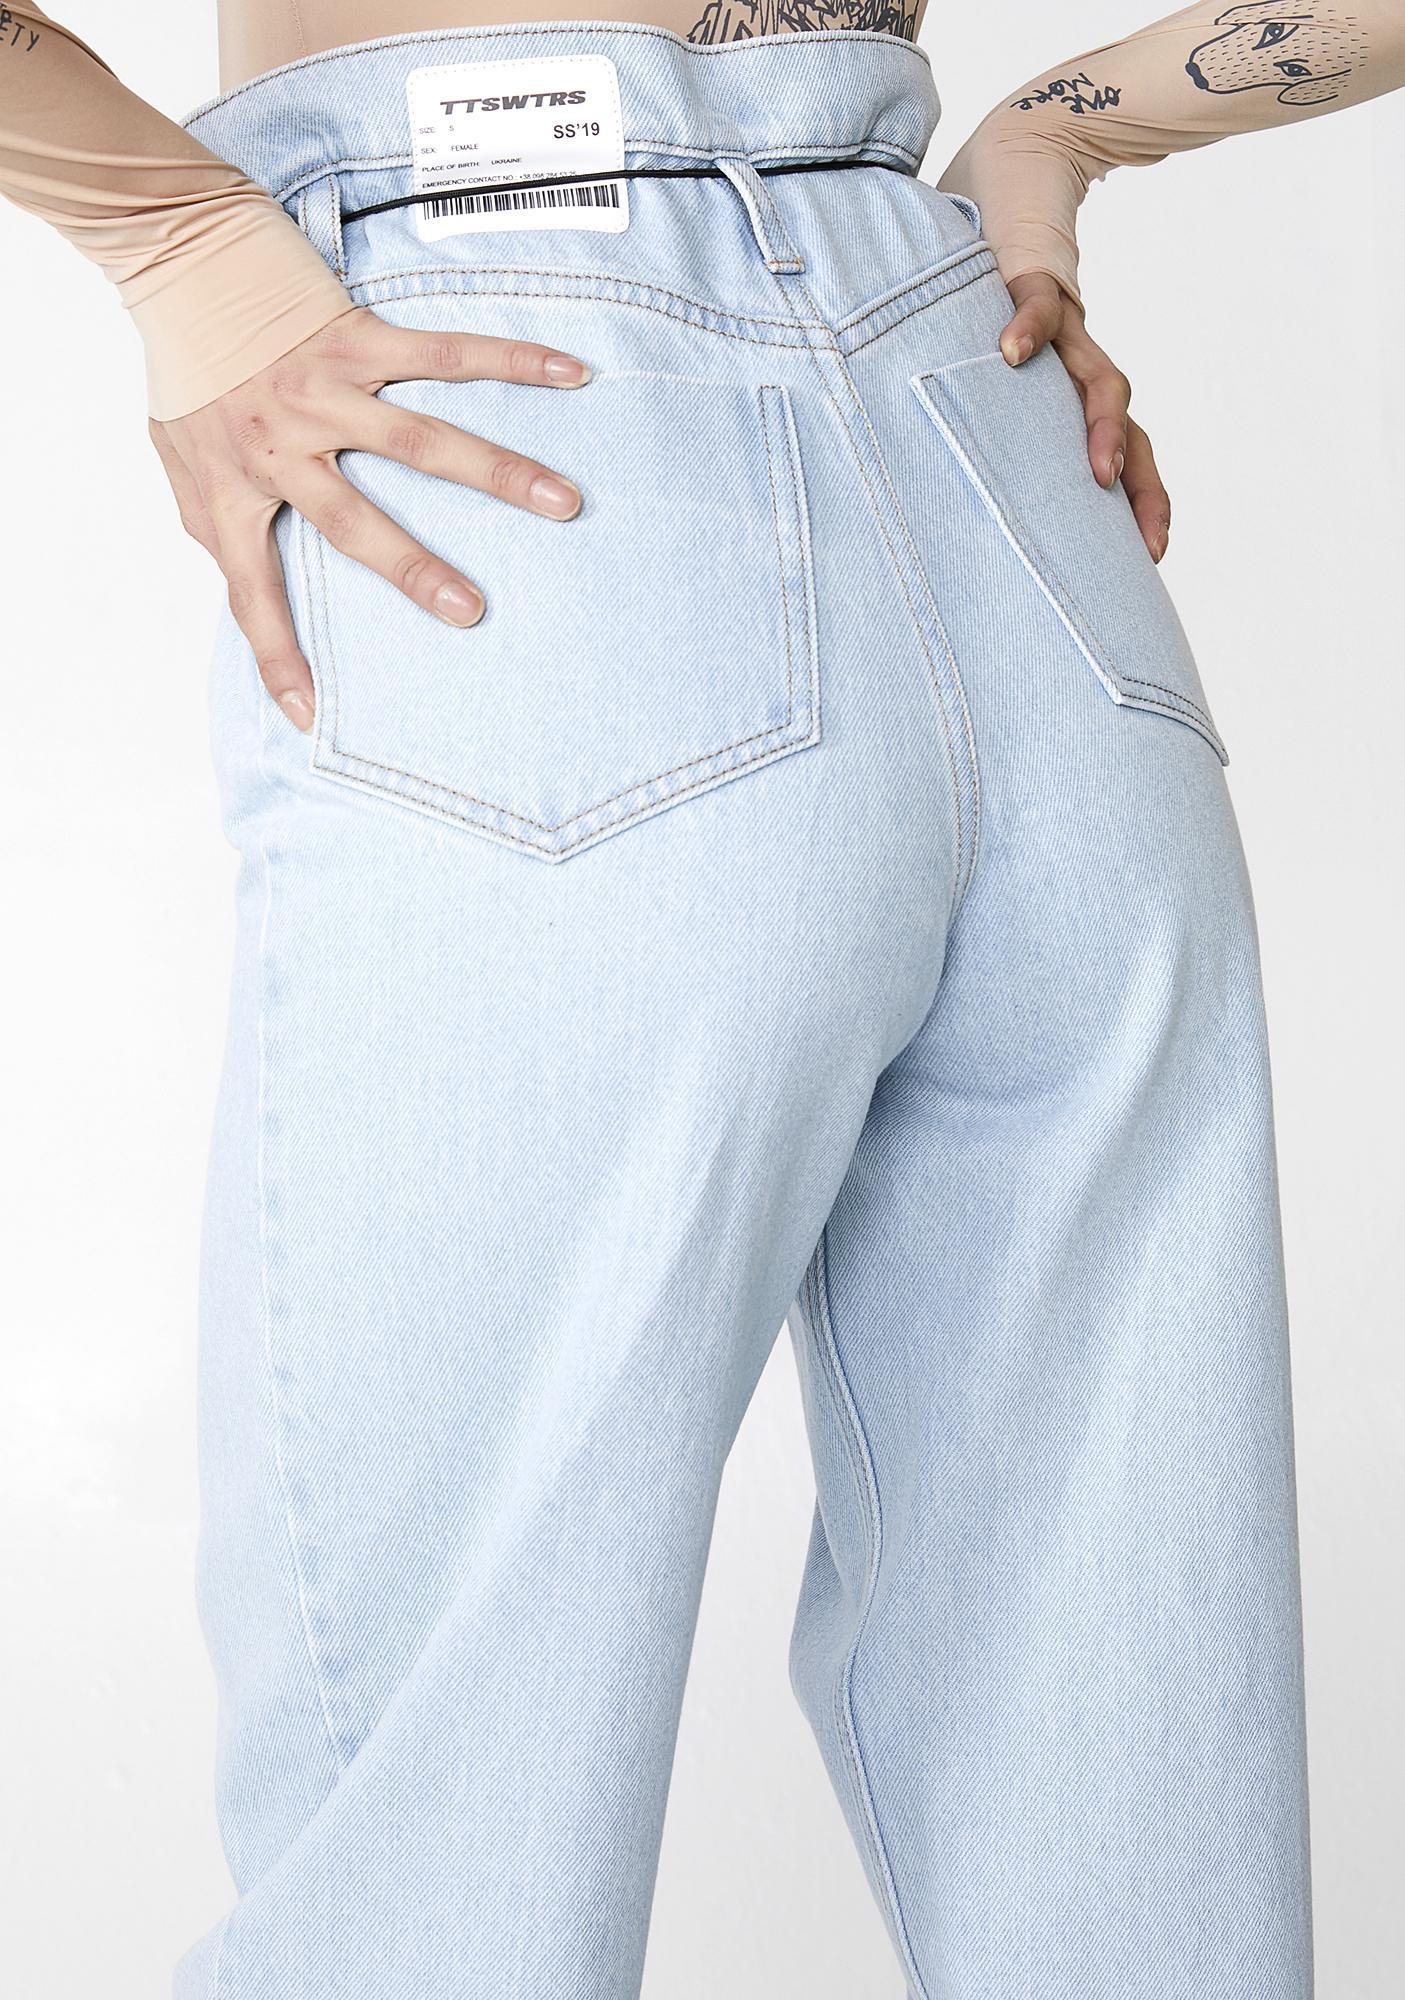 TATTOOSWEATERS Denim Jeans